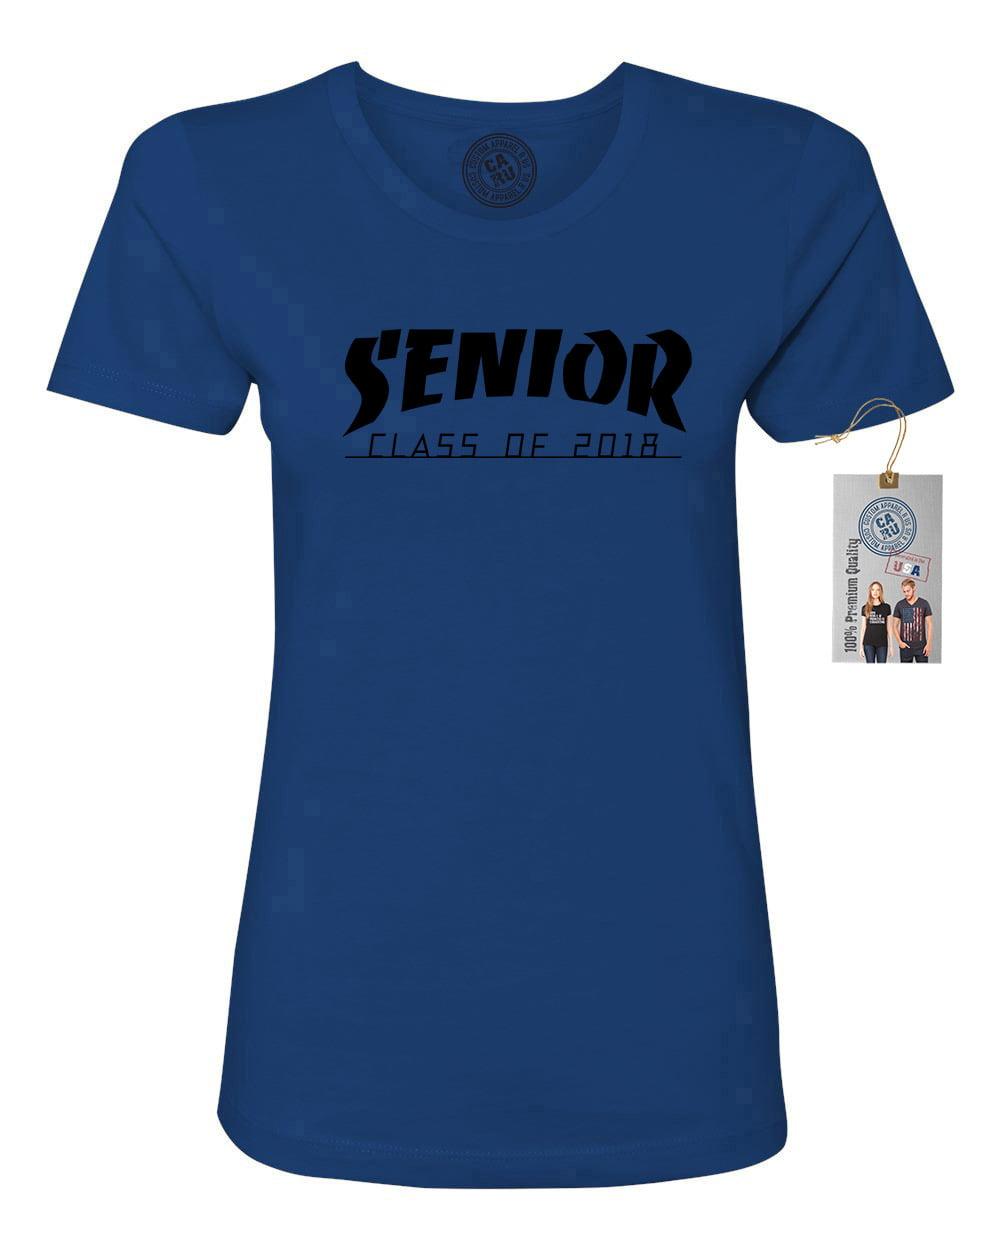 a918c327c Senior Class of 2018 High School College Womens Short Sleeve T-Shirt